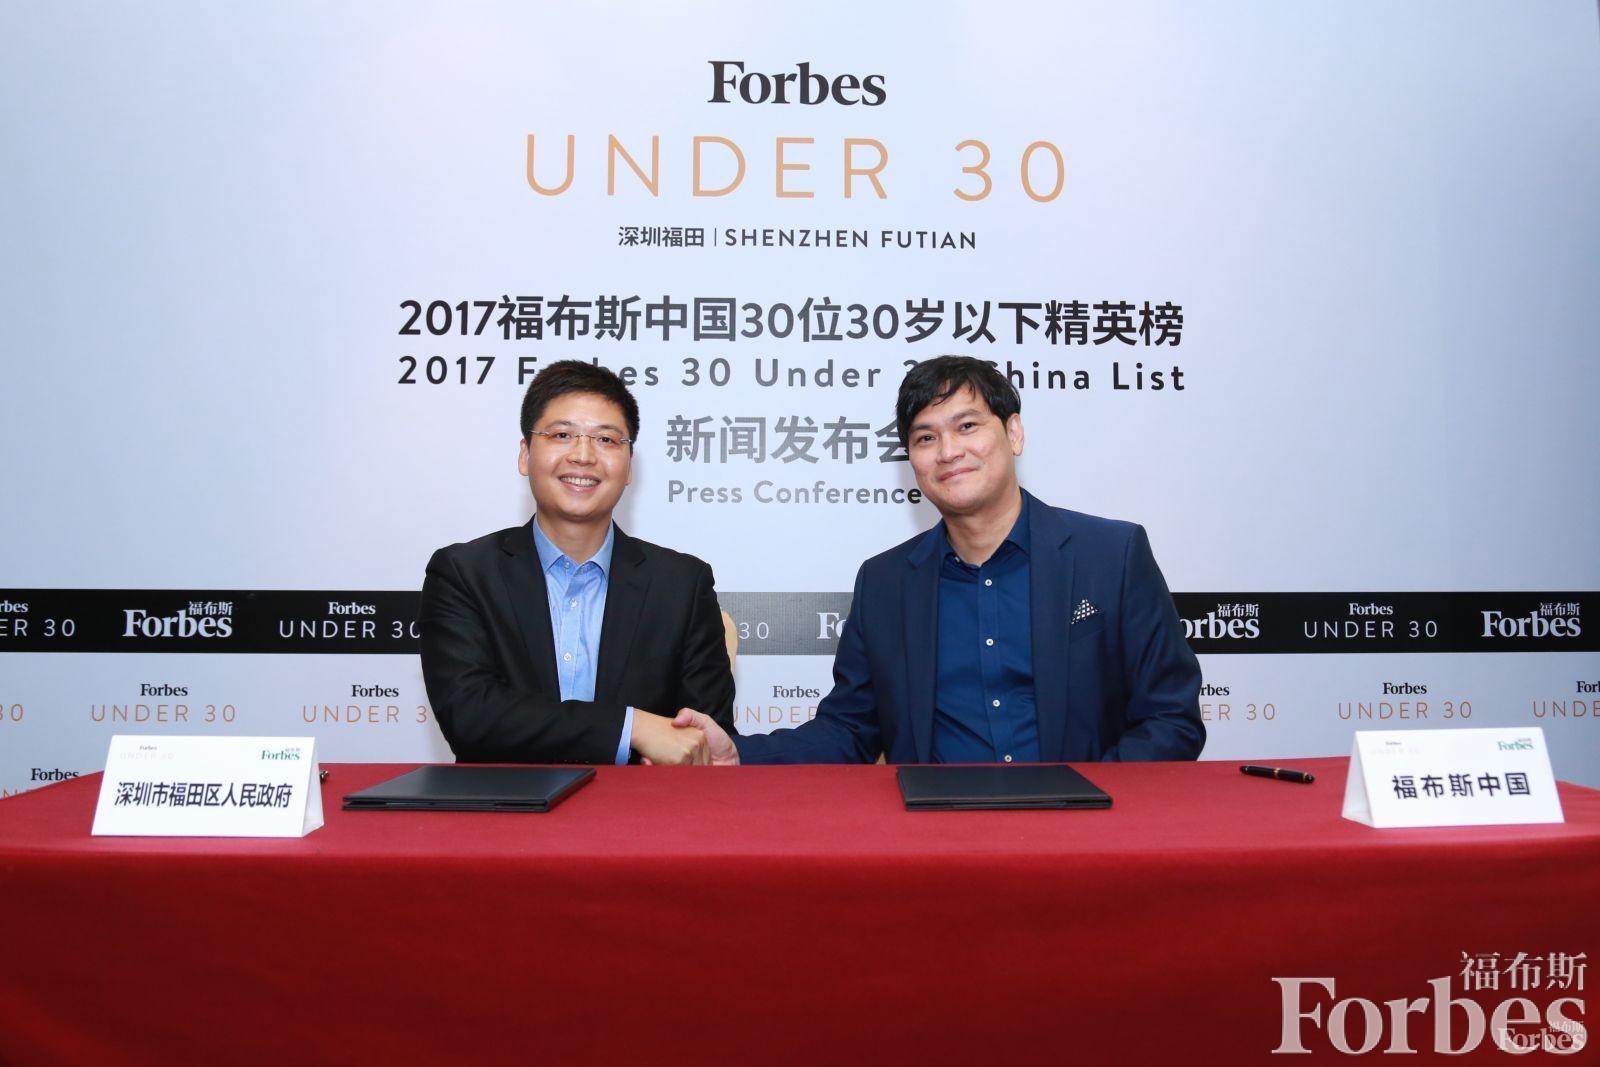 """福布斯发布2017年中国""""30位30岁以下精英""""榜单,300余名改变世界的年轻领袖脱颖而出"""